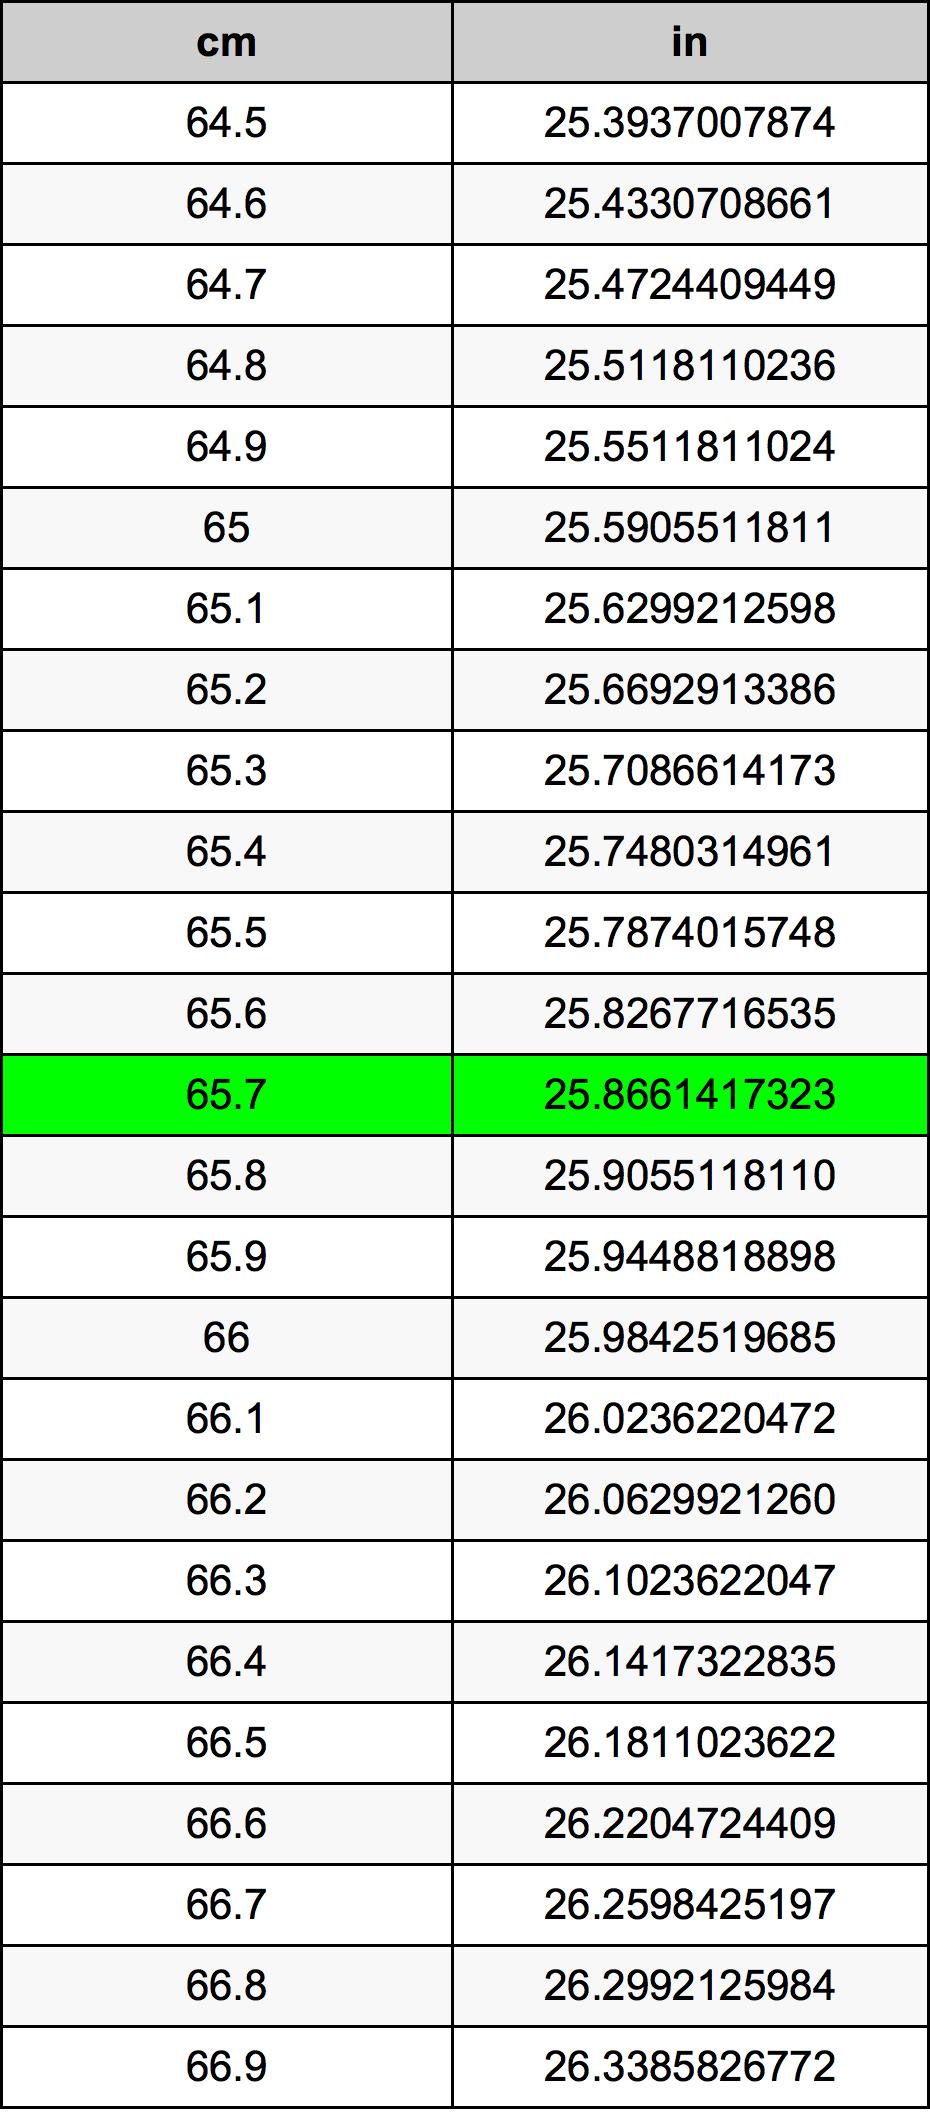 65.7 सेंटीमीटर रूपांतरण सारणी